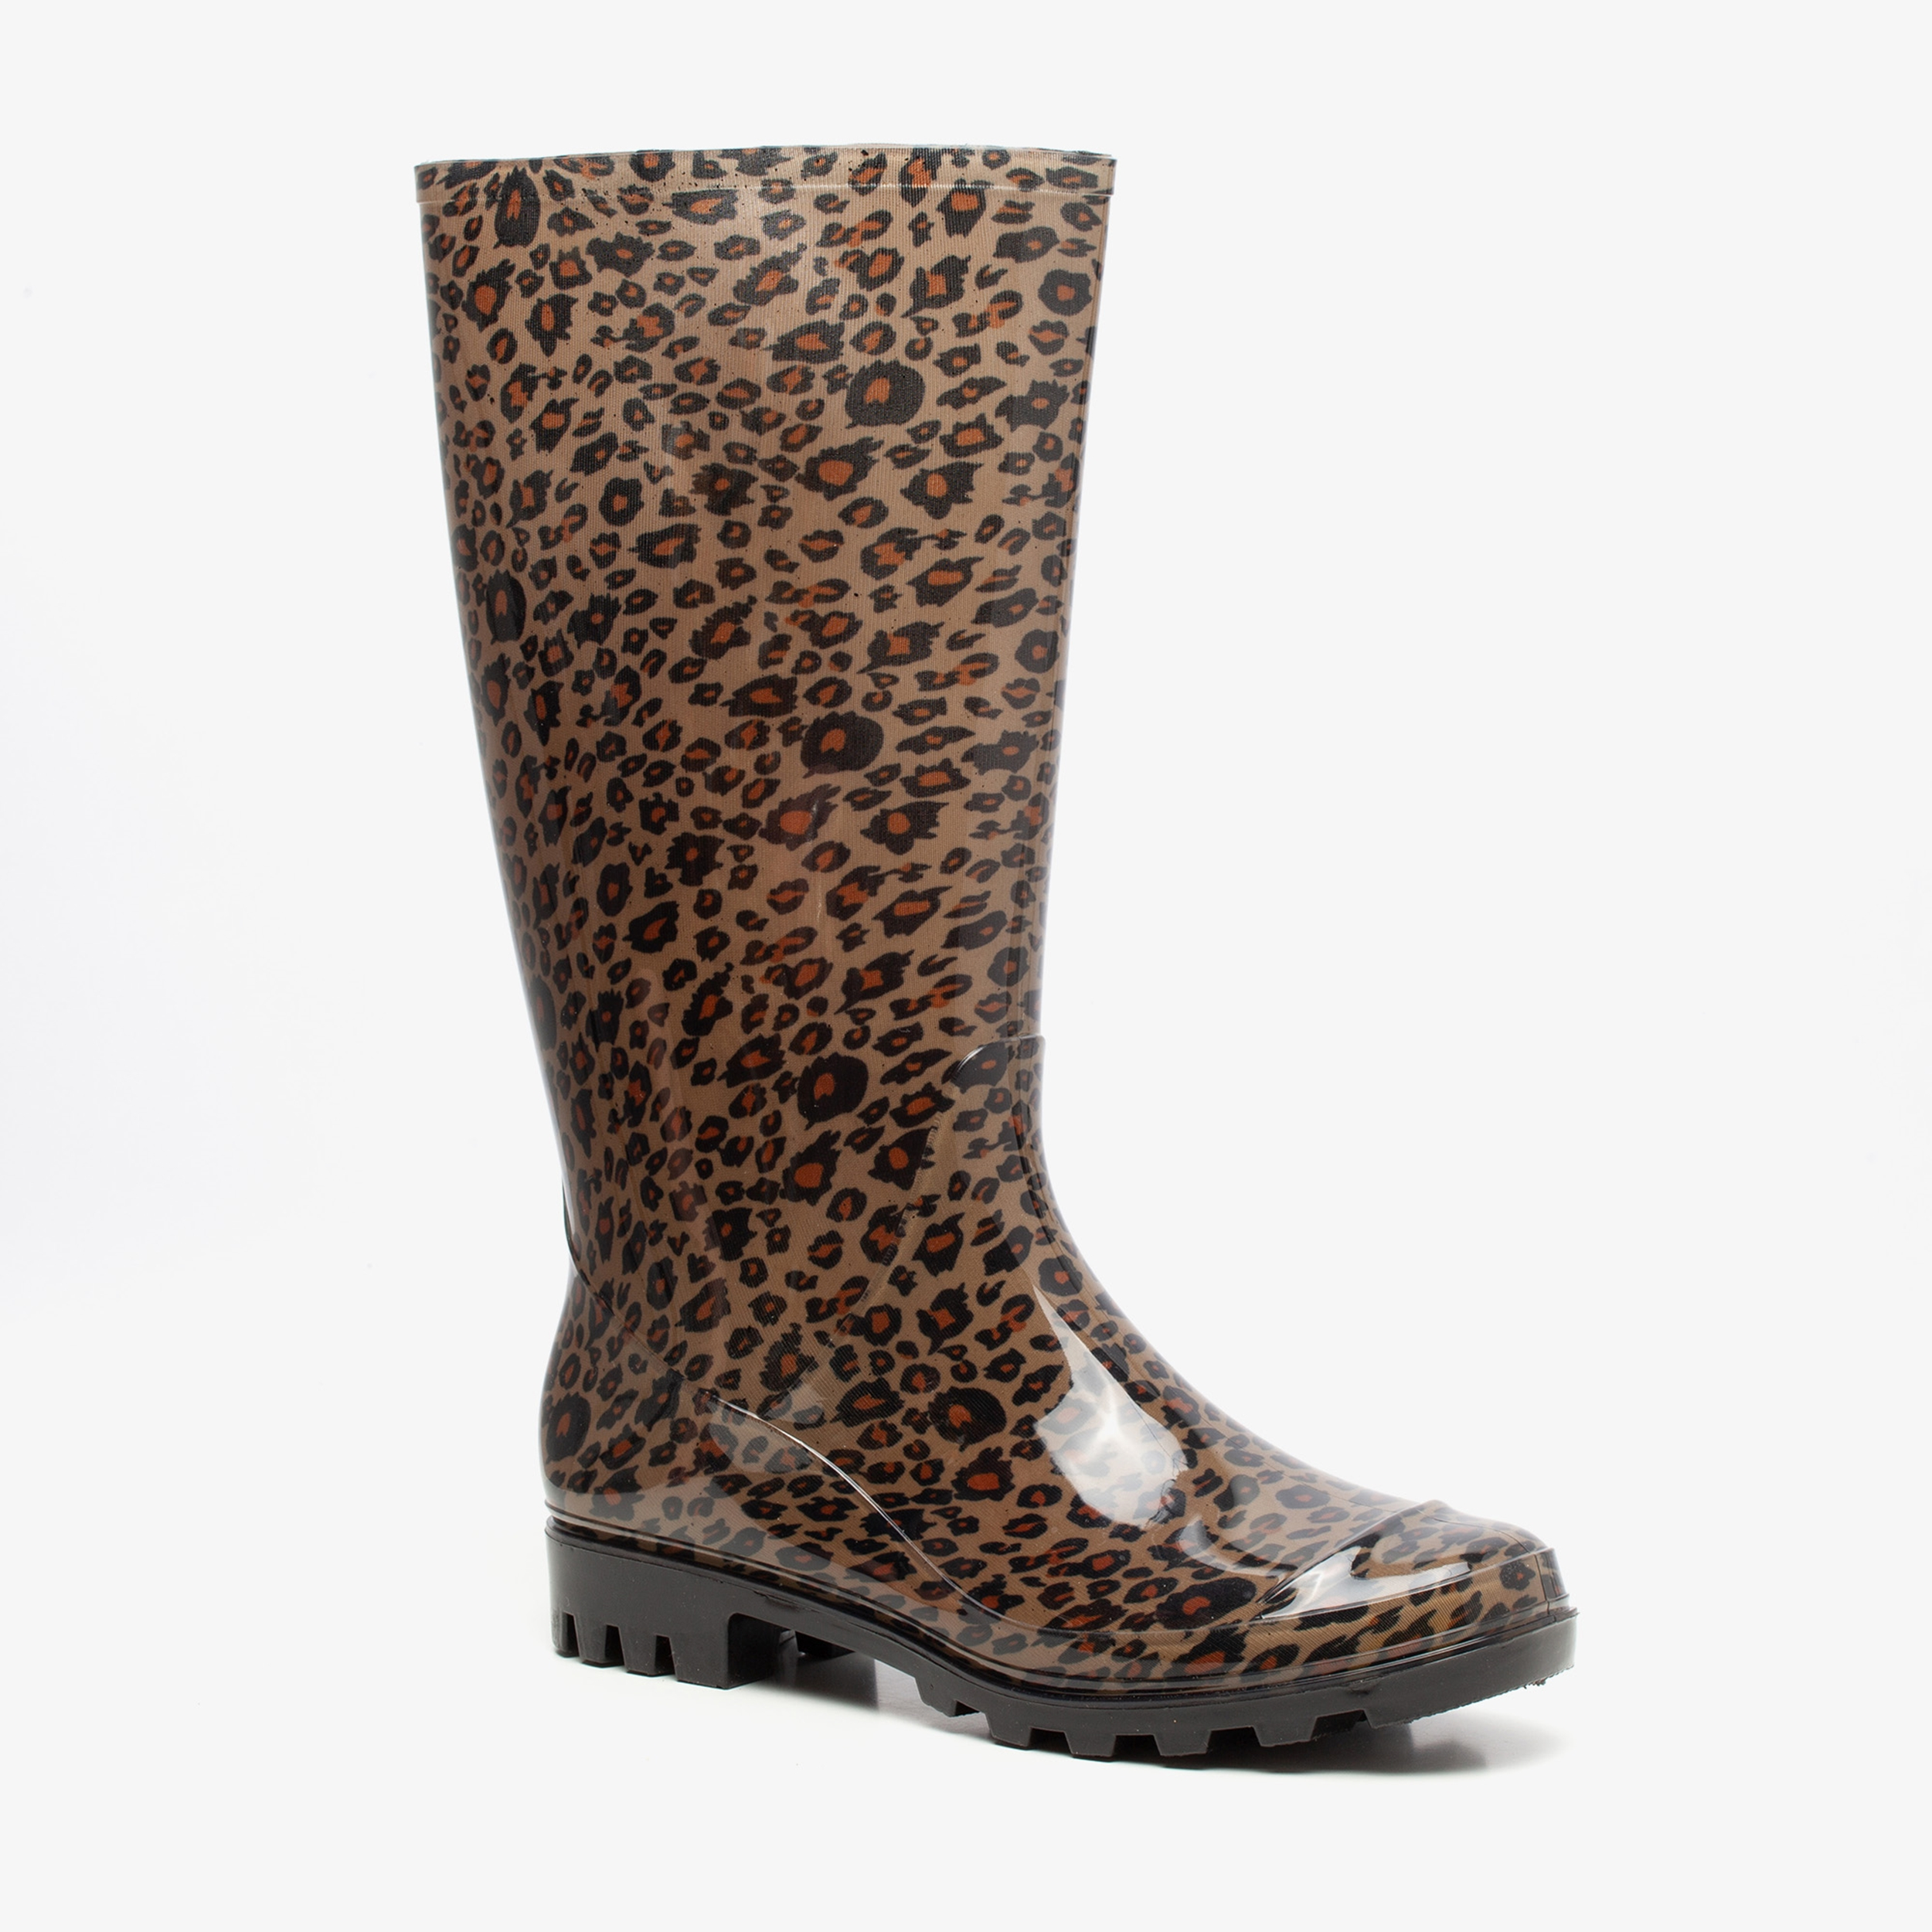 Mountain Peak dames regenlaarzen met luipaardprint | Scapino.nl